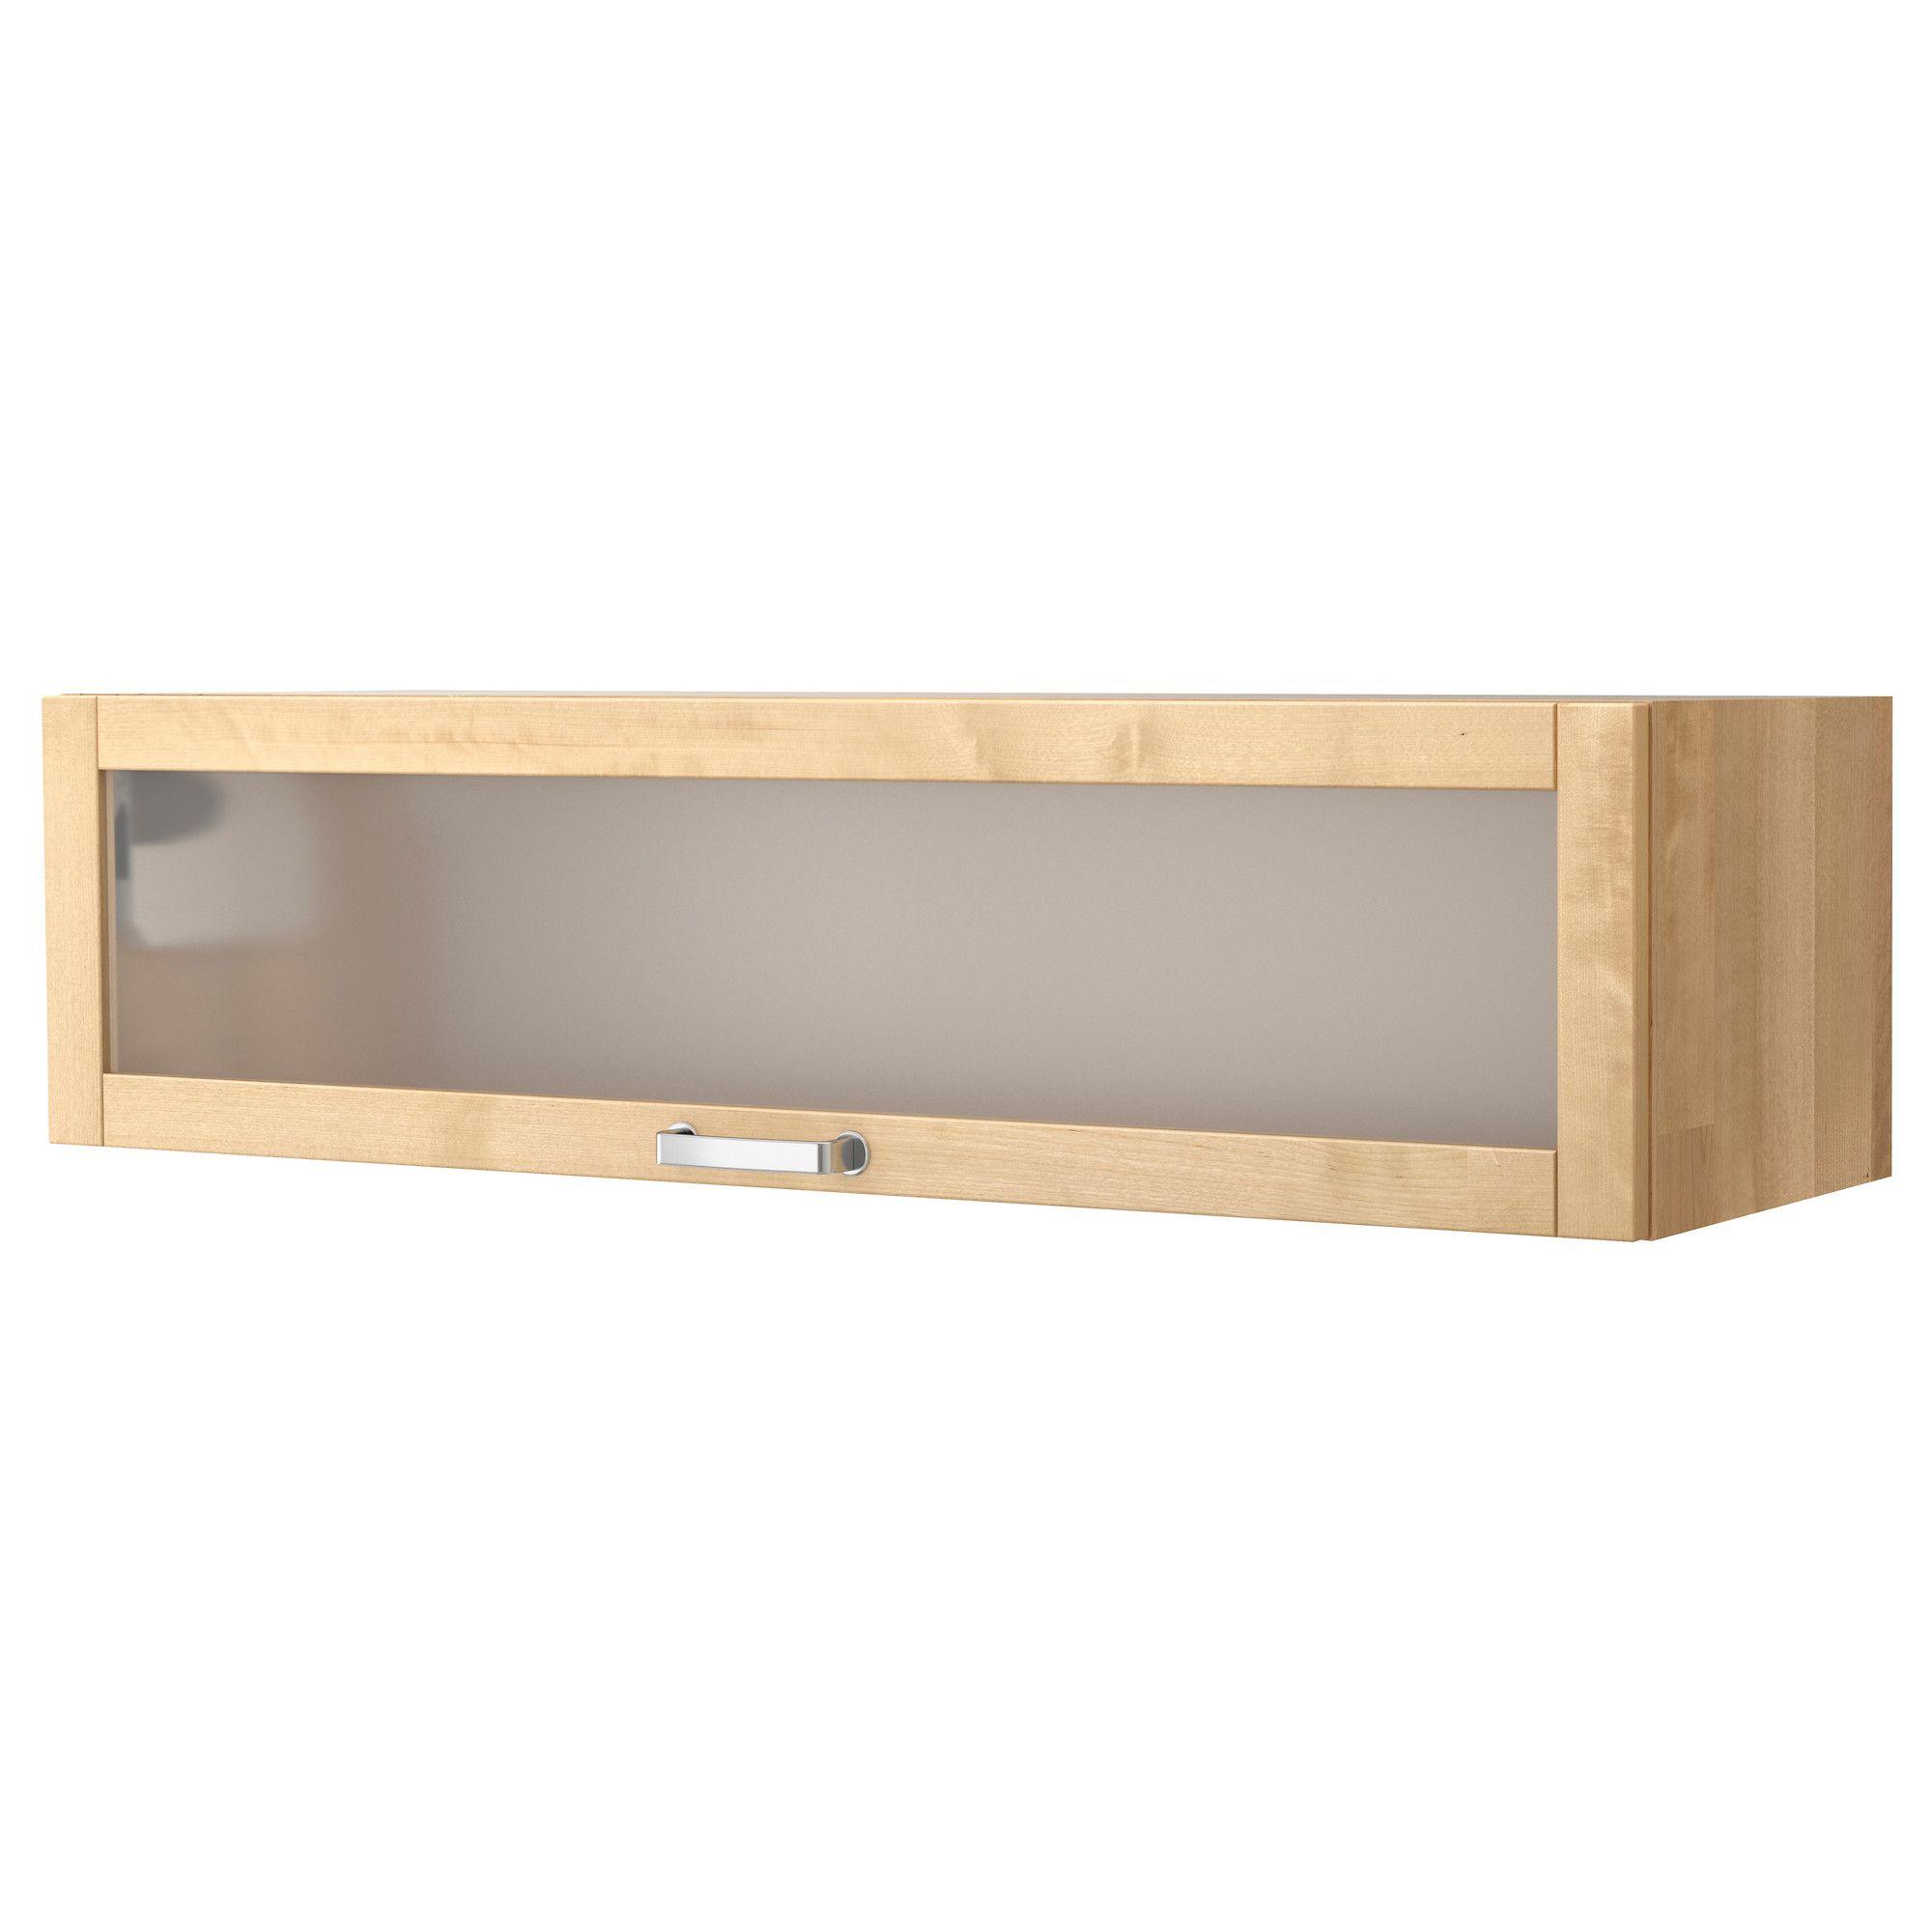 V Rde Glass Door Wall Cabinet Birch Ikea Home Bits  # Element Cuisine Ikea Varde